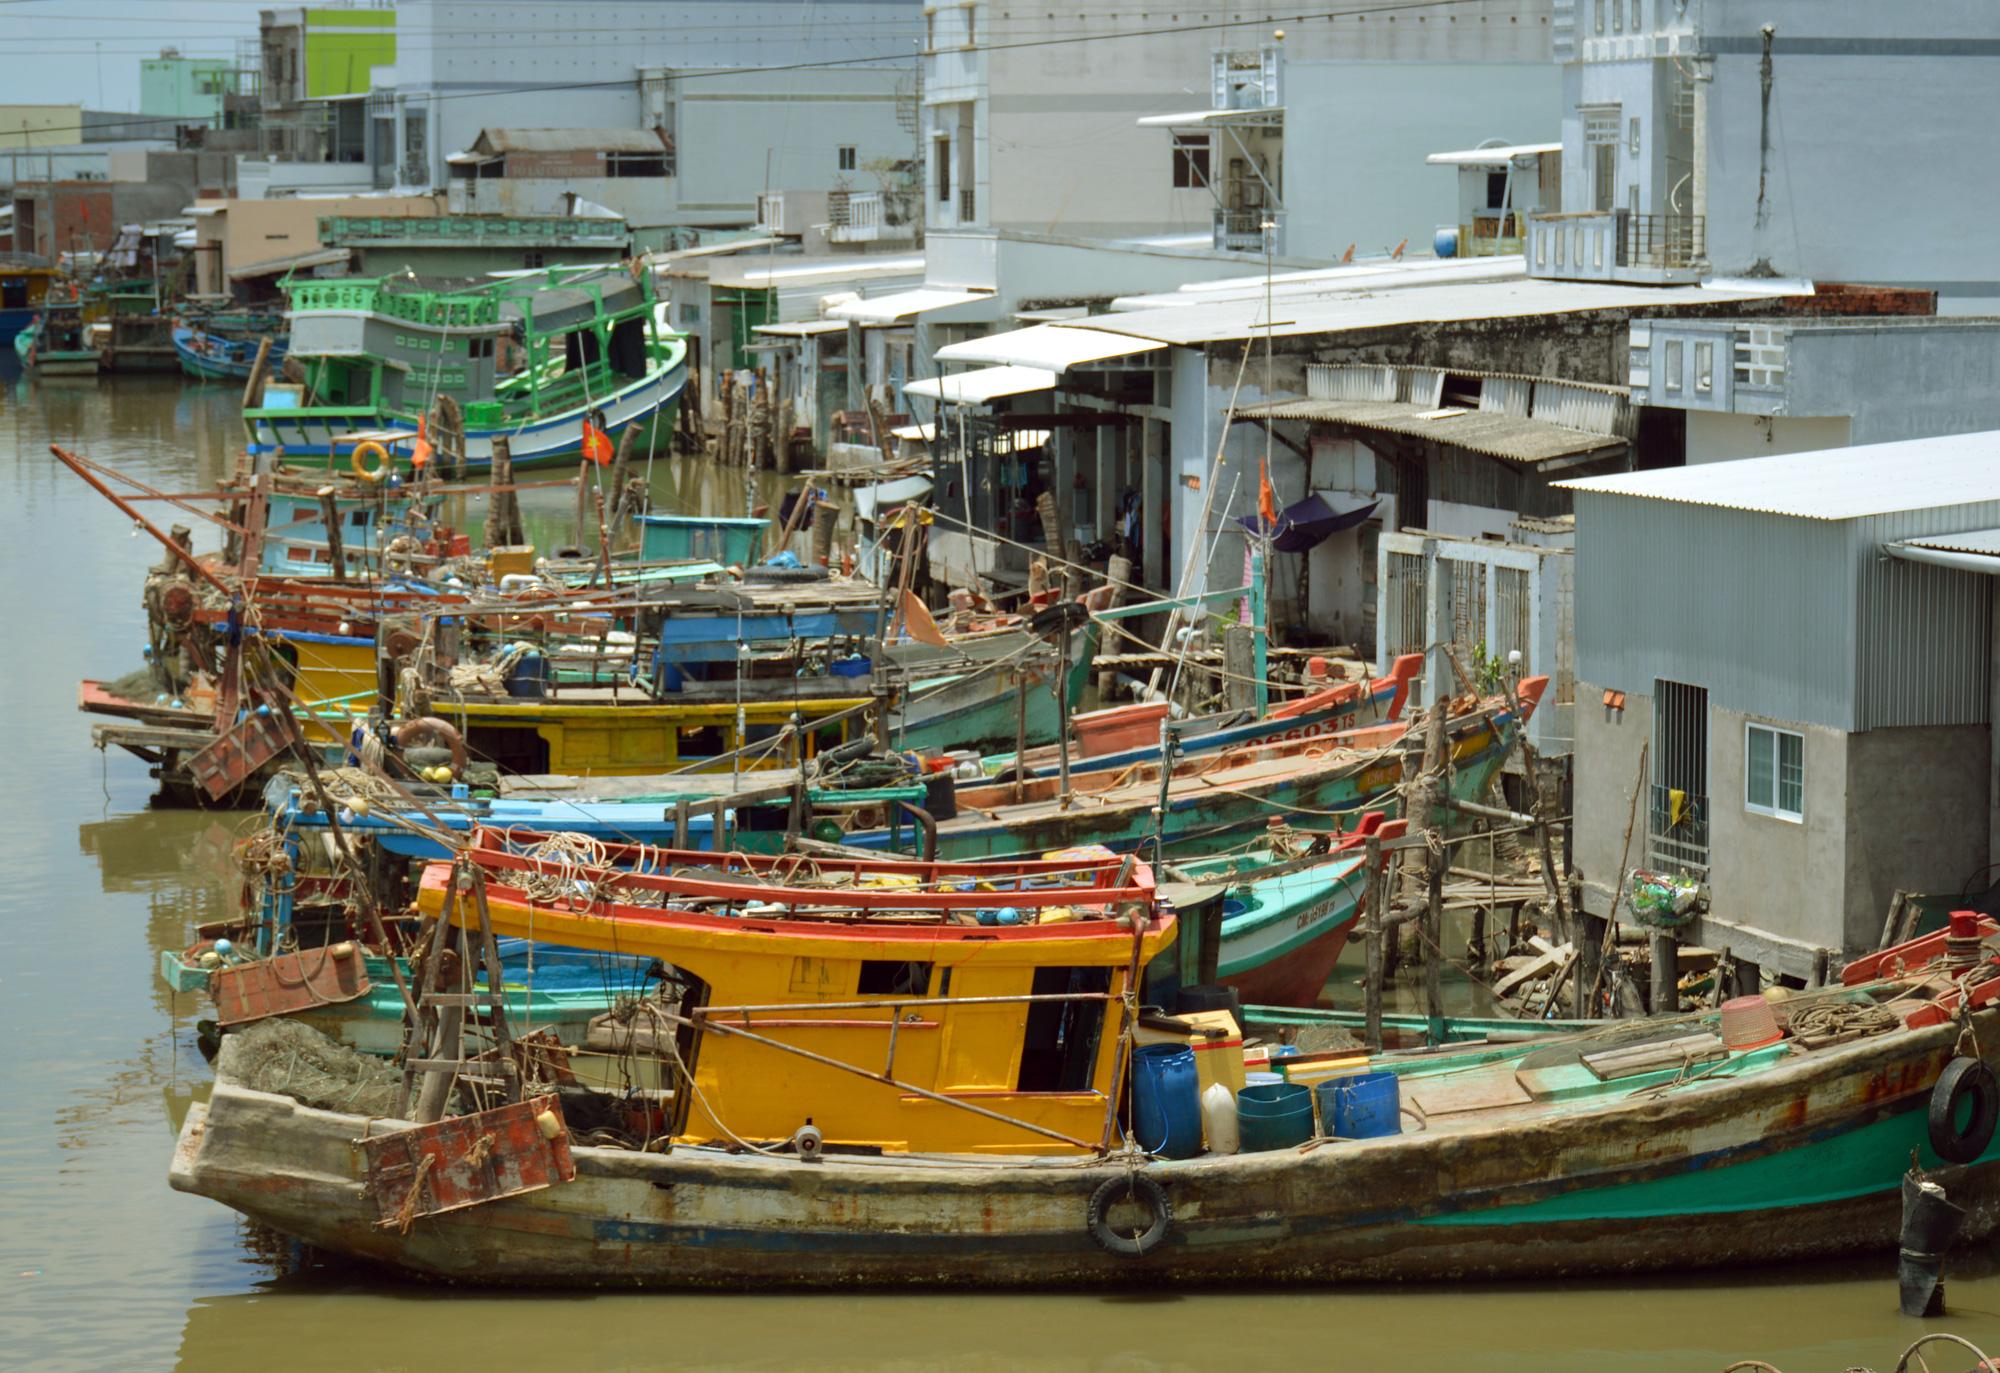 Một tập đoàn muốn đầu tư thành phố hải sản quy mô 500ha ở Cà Mau - Ảnh 1.